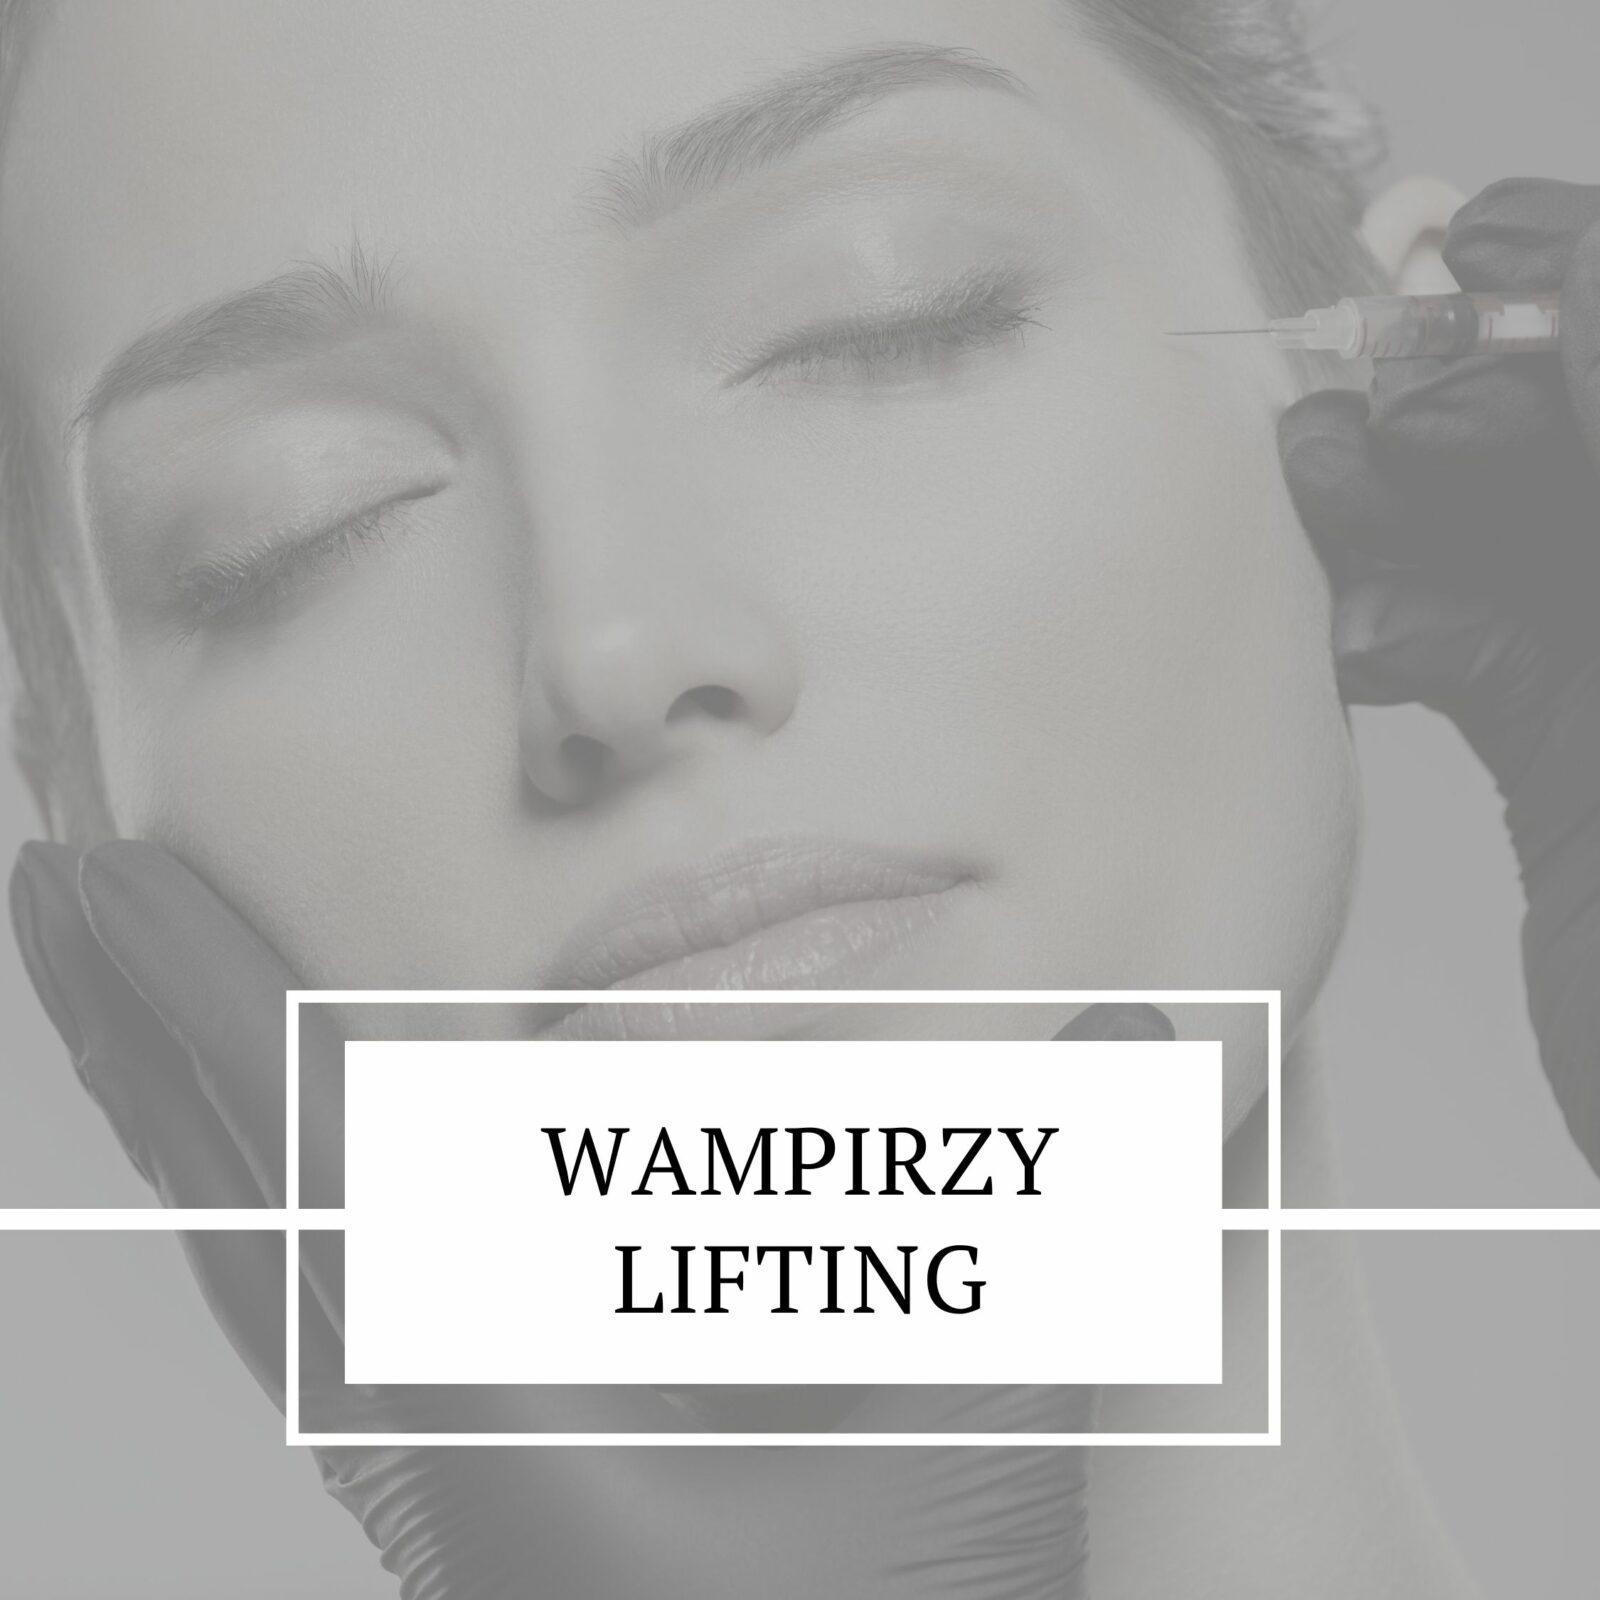 wampirzy lifting poznań, osocze bogatopłytkowe poznań